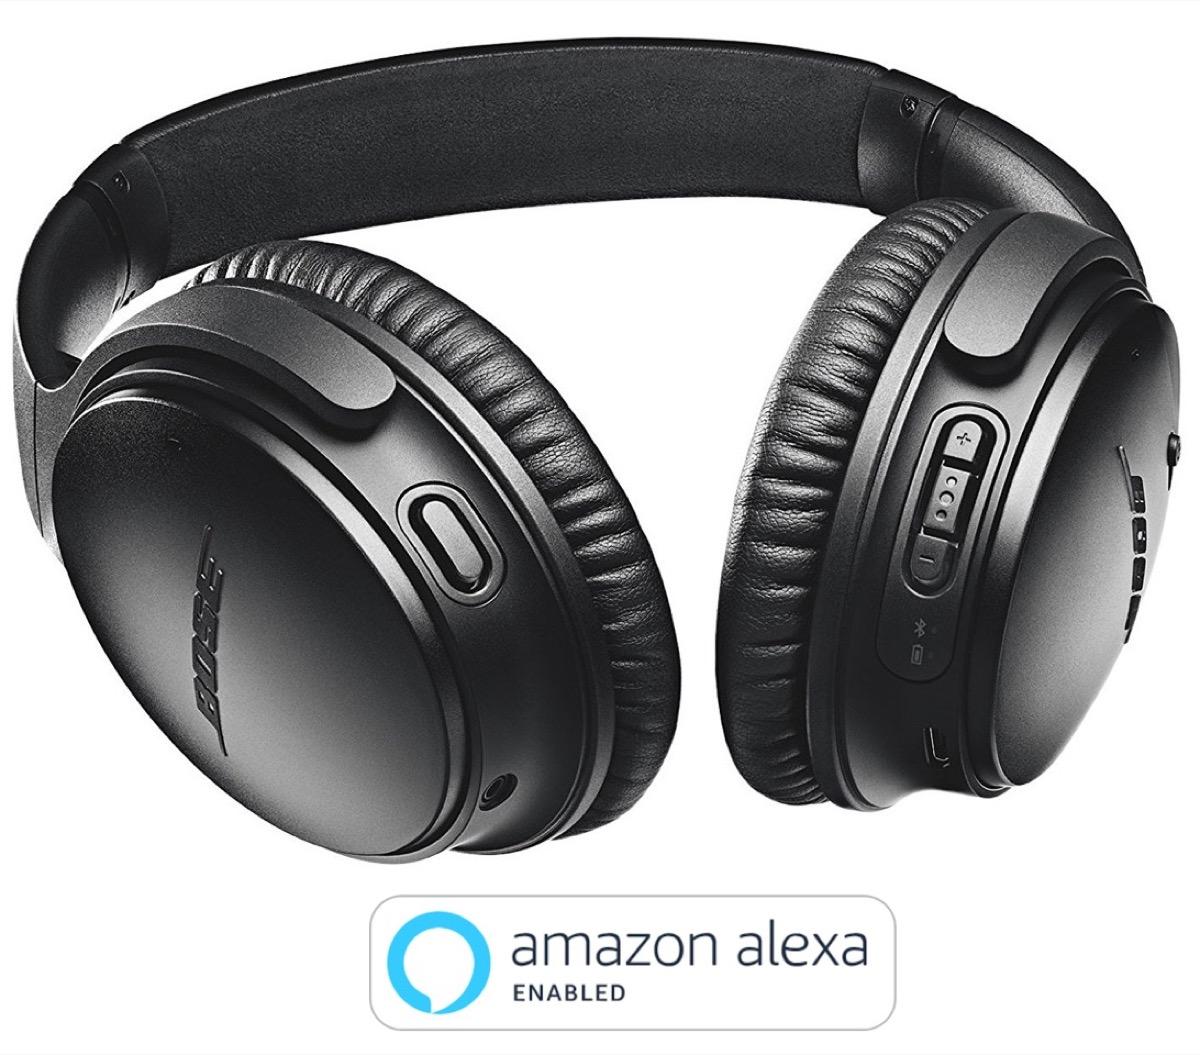 bose quietcomfort 35 ii headphones gain alexa support via software update